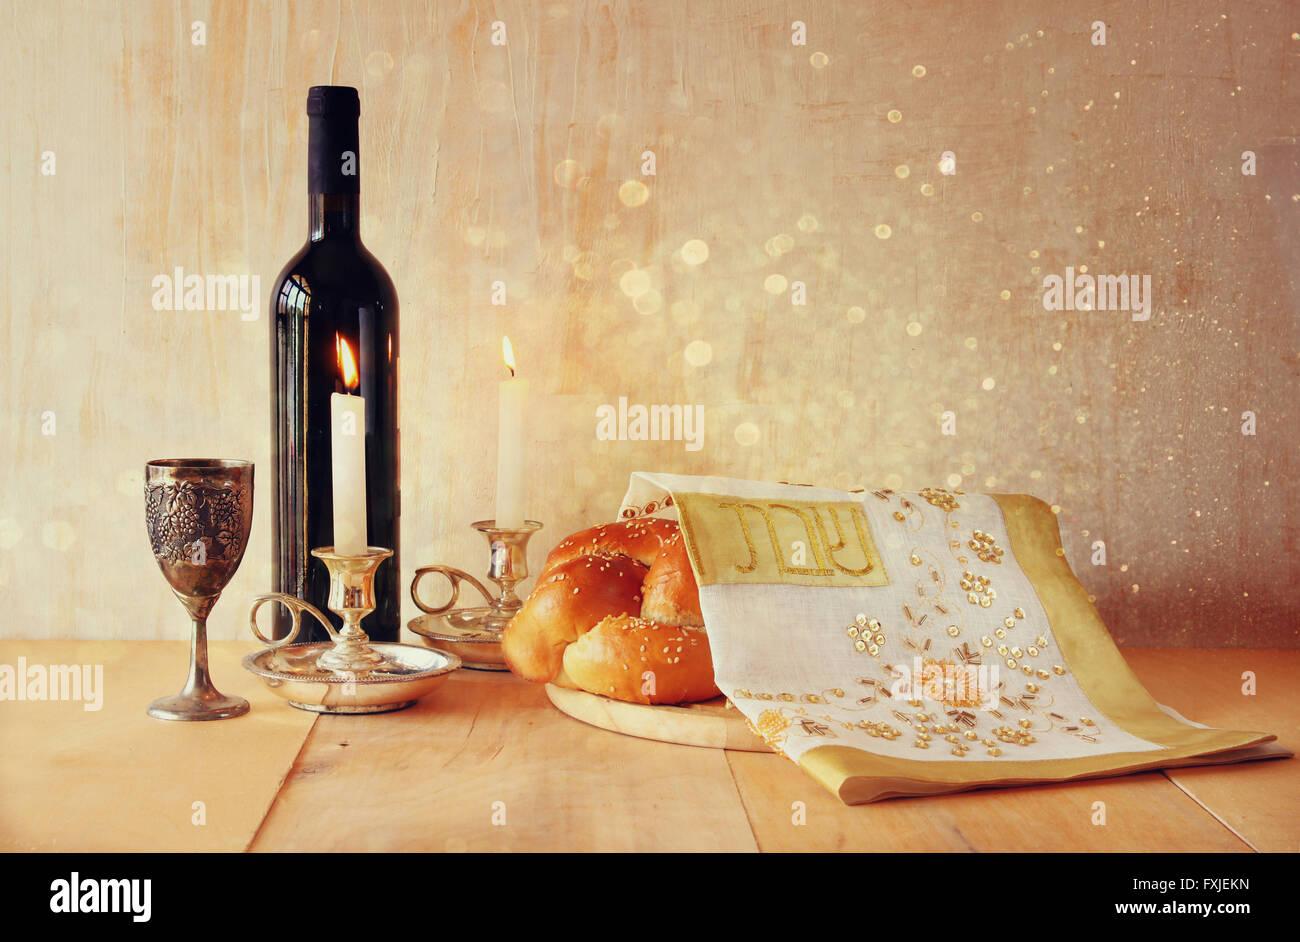 Sábado imagen concepto de la religión judía. Foto de stock